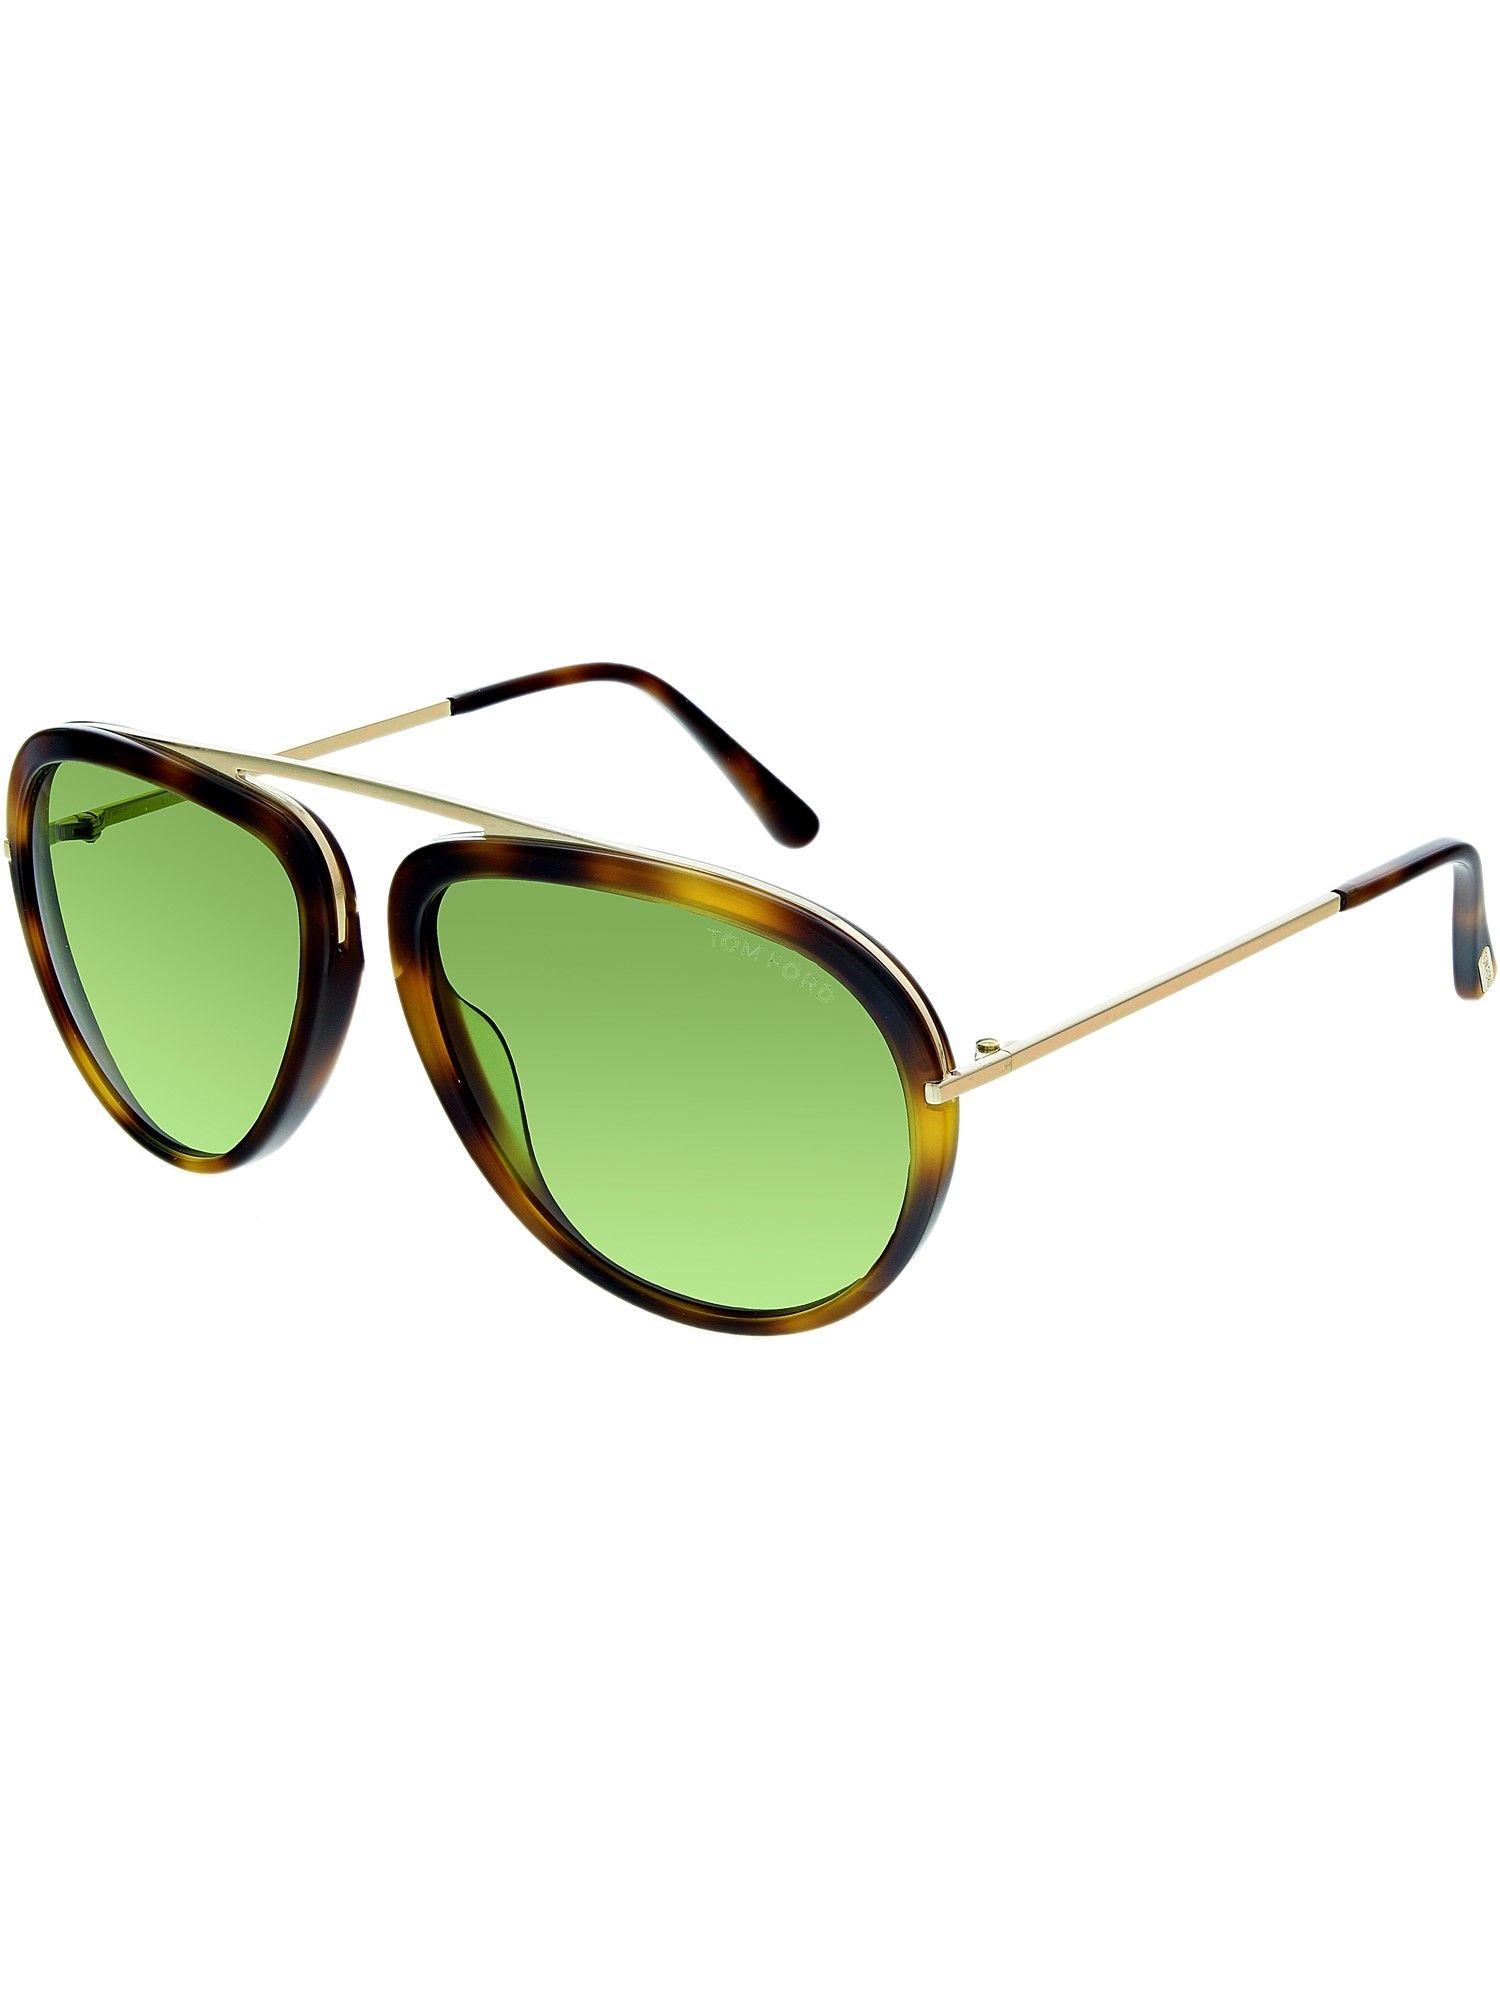 7da63e0b66b0c Tom Ford FT0452 Stacy Pilot Sunglasses